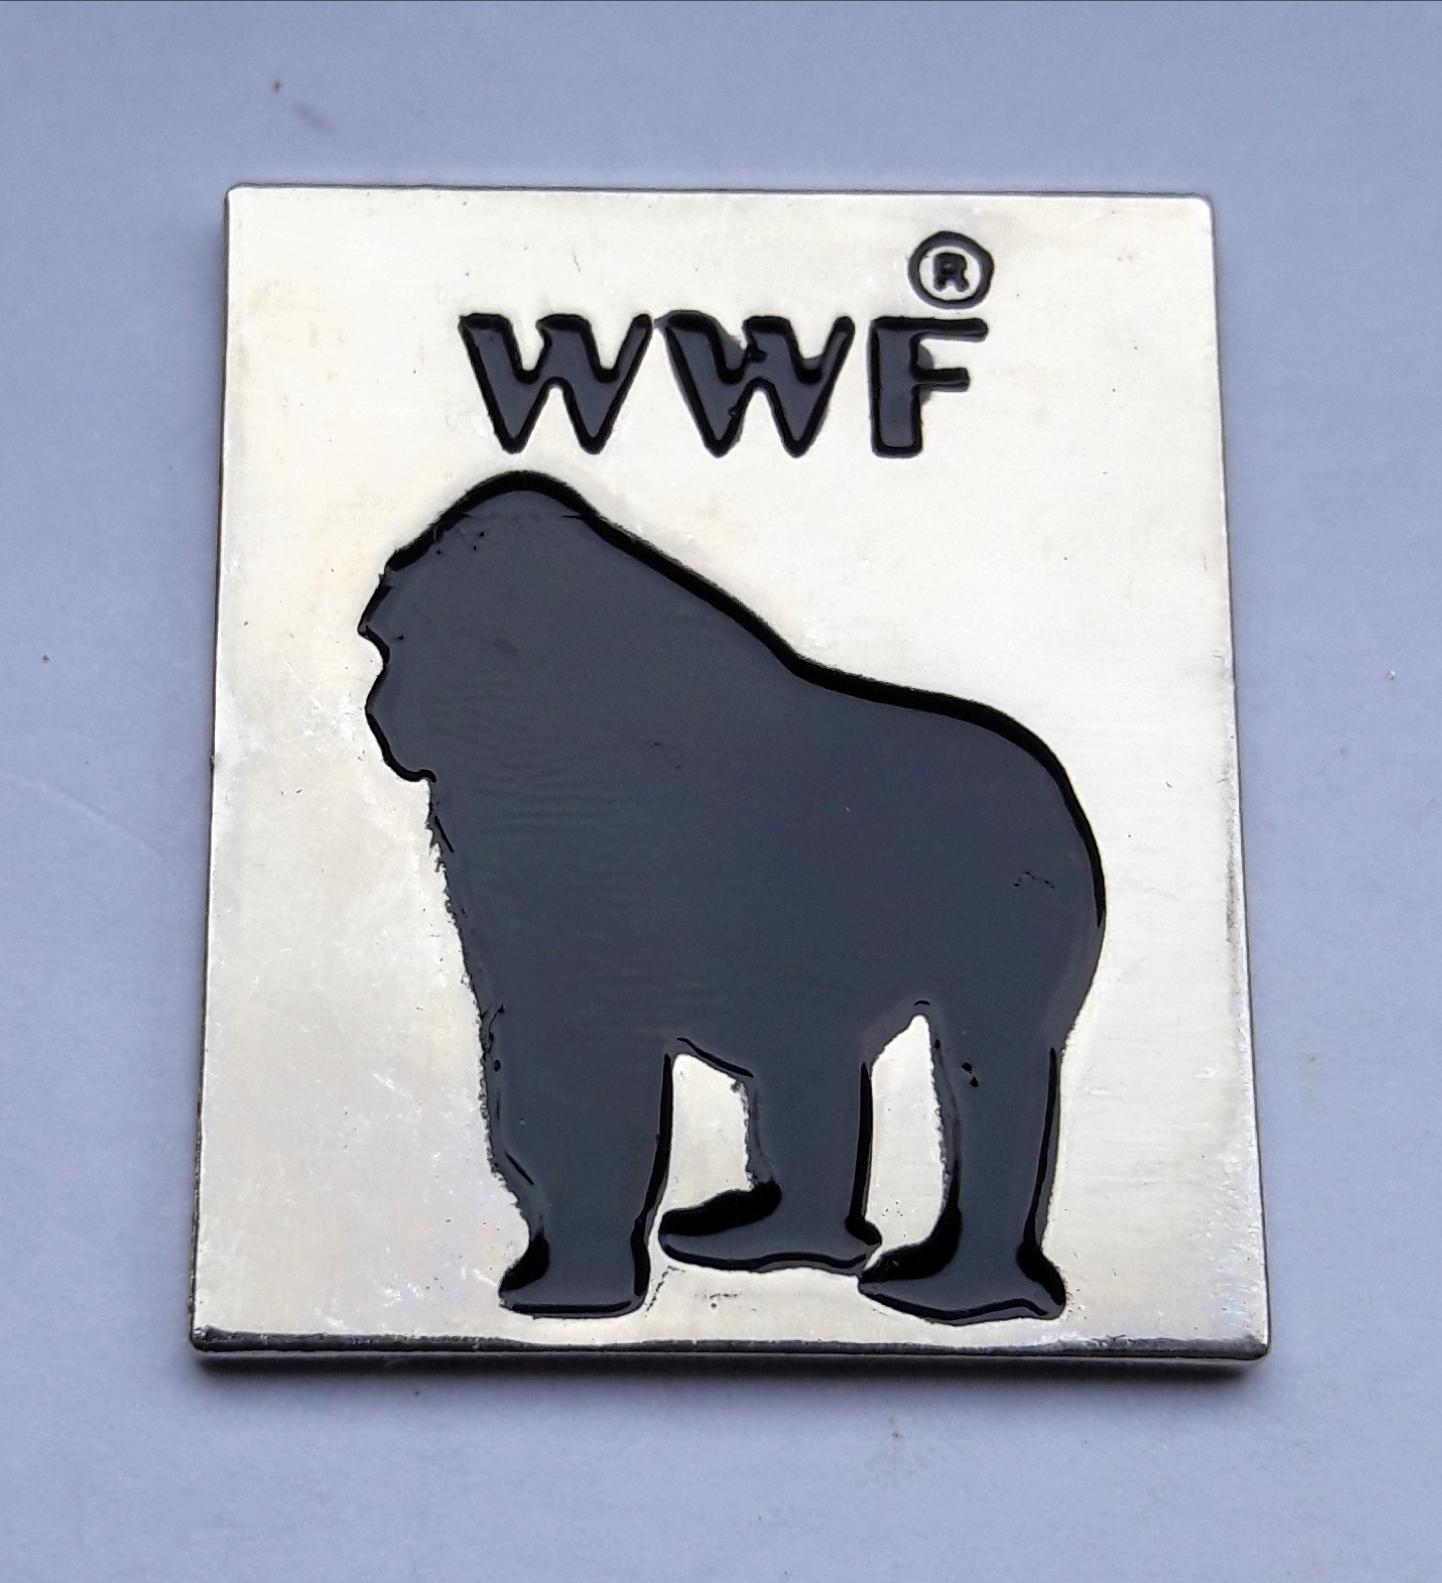 WWF Silver